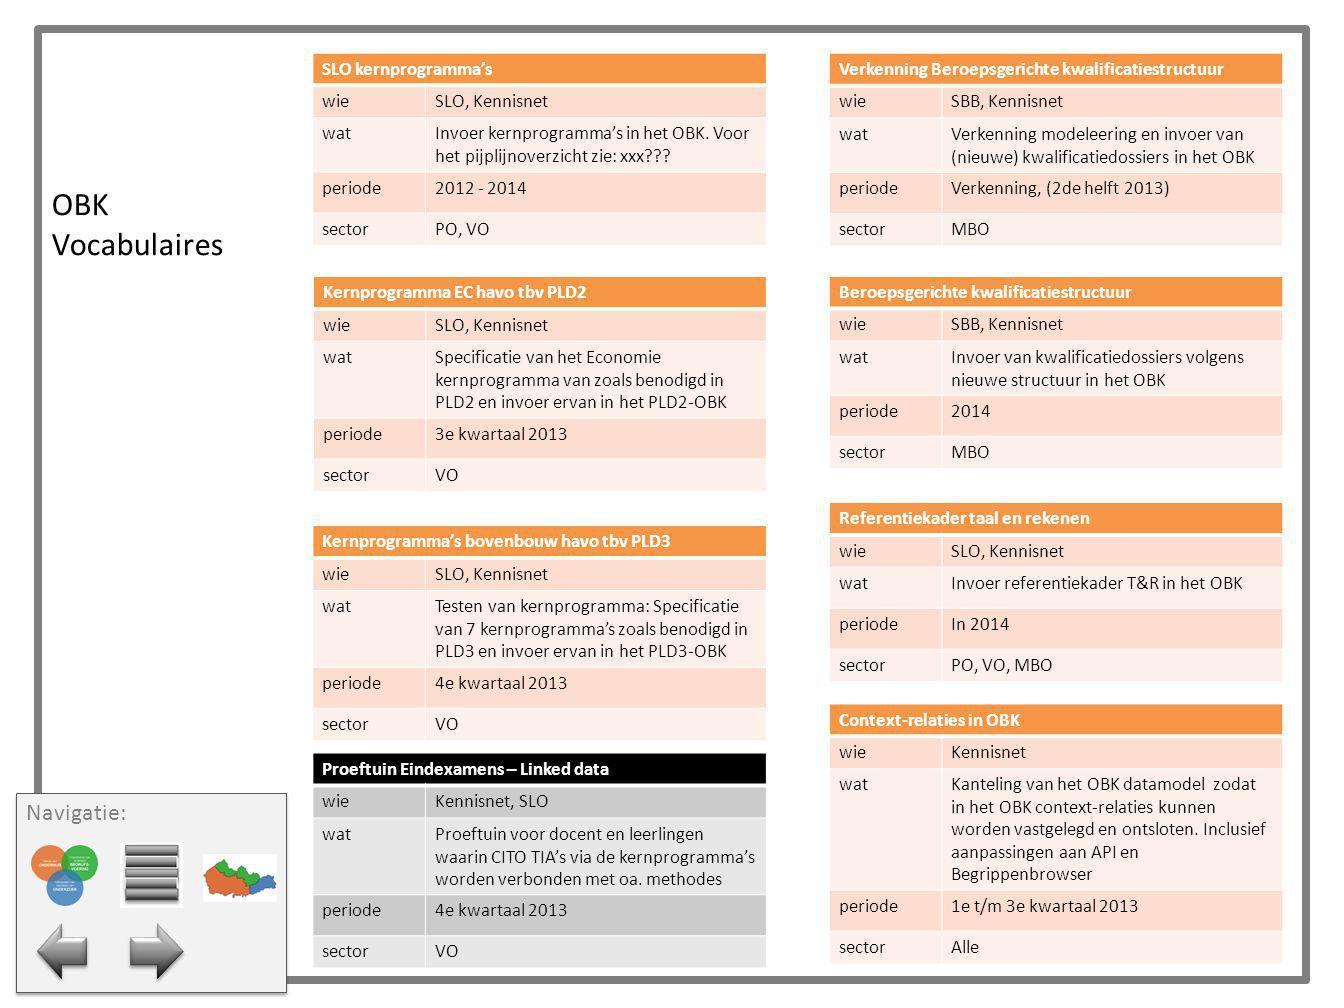 Metadata OAI-PMH harmonisatie wieExpertgroepen (Onderzoek + ECK), Bureau EduStandaard watOnderzoek mogelijkheden harmonisatie van de twee op OAI-PMH gebaseerde afspraken periodeQ4 2013 sectorAlle NL-LOM wieSIG werkgroep, Bureau EduStandaard wat(minor) Update (o.a o.b.v.